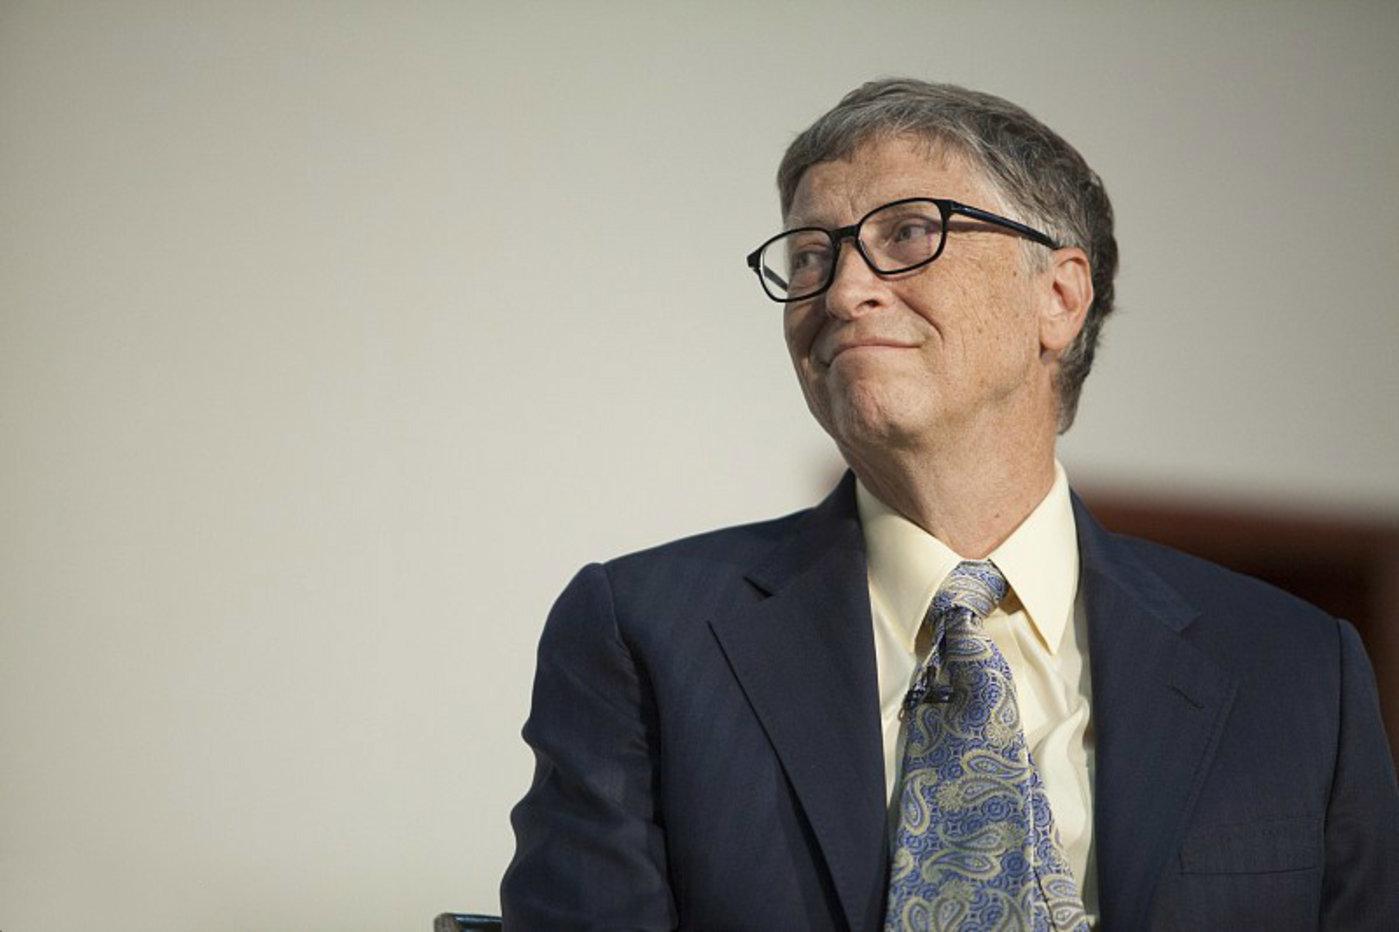 比尔·盖茨谈埃博拉病毒:目前人类没有一套可以使用的系统来应对疫情 | CEO说